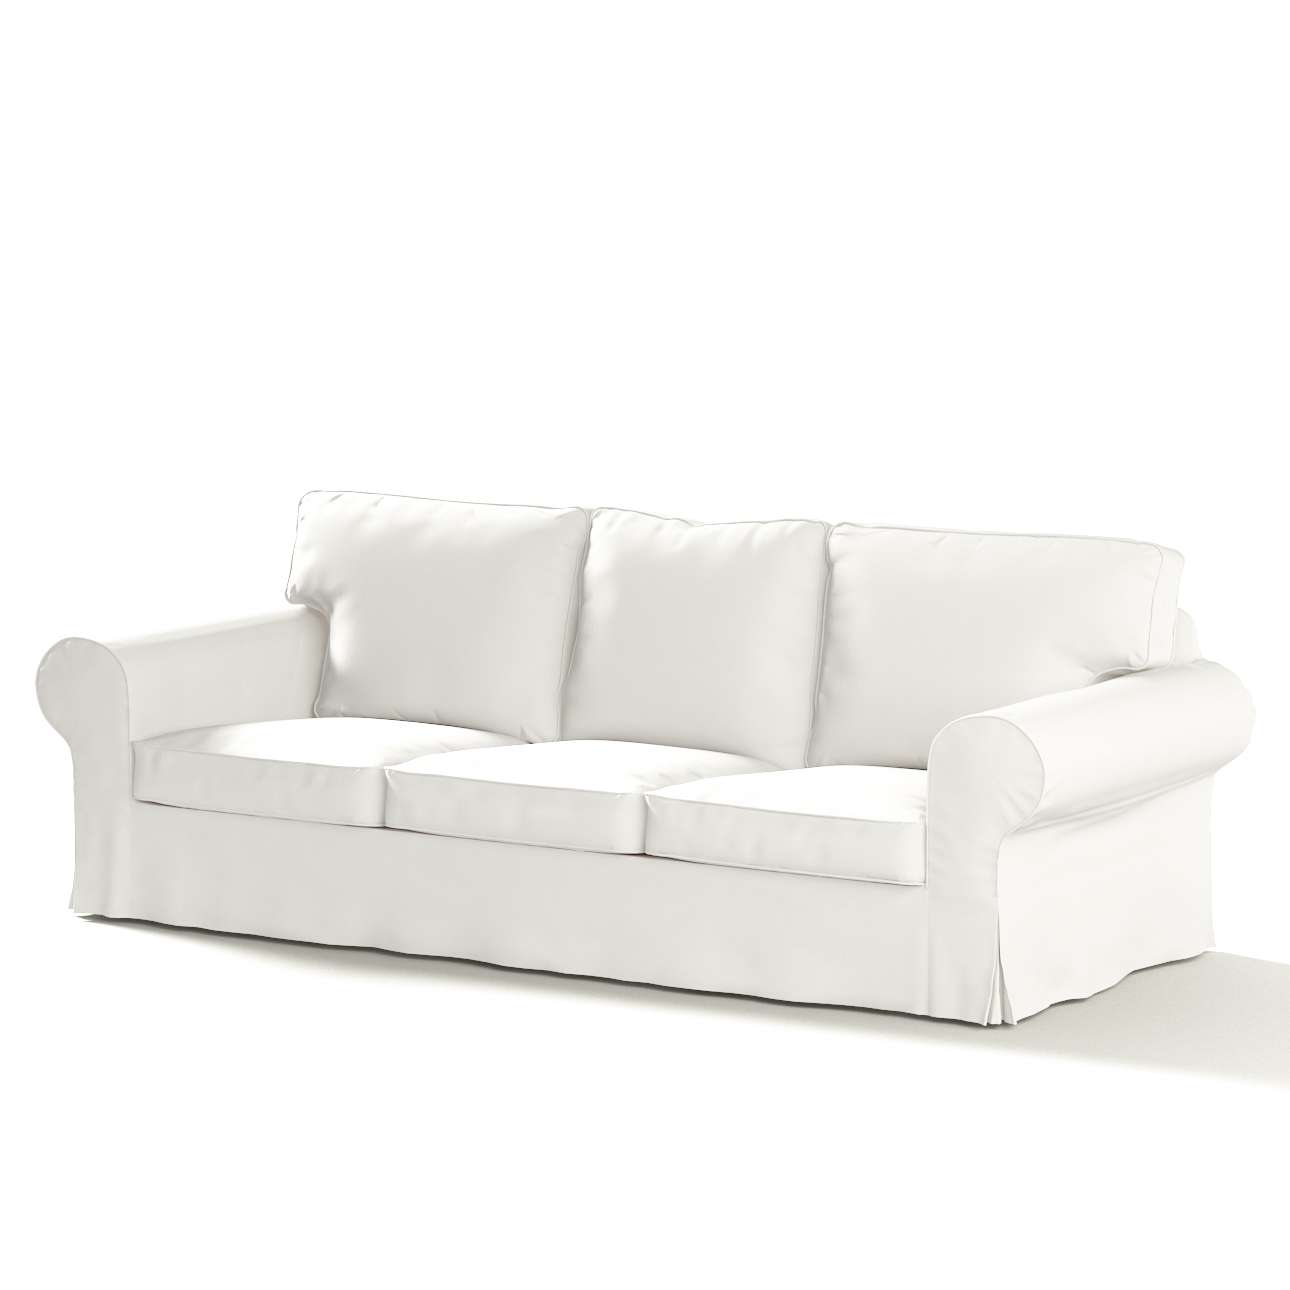 Pokrowiec na sofę Ektorp 3-osobową, rozkładaną STARY MODEL w kolekcji Cotton Panama, tkanina: 702-34